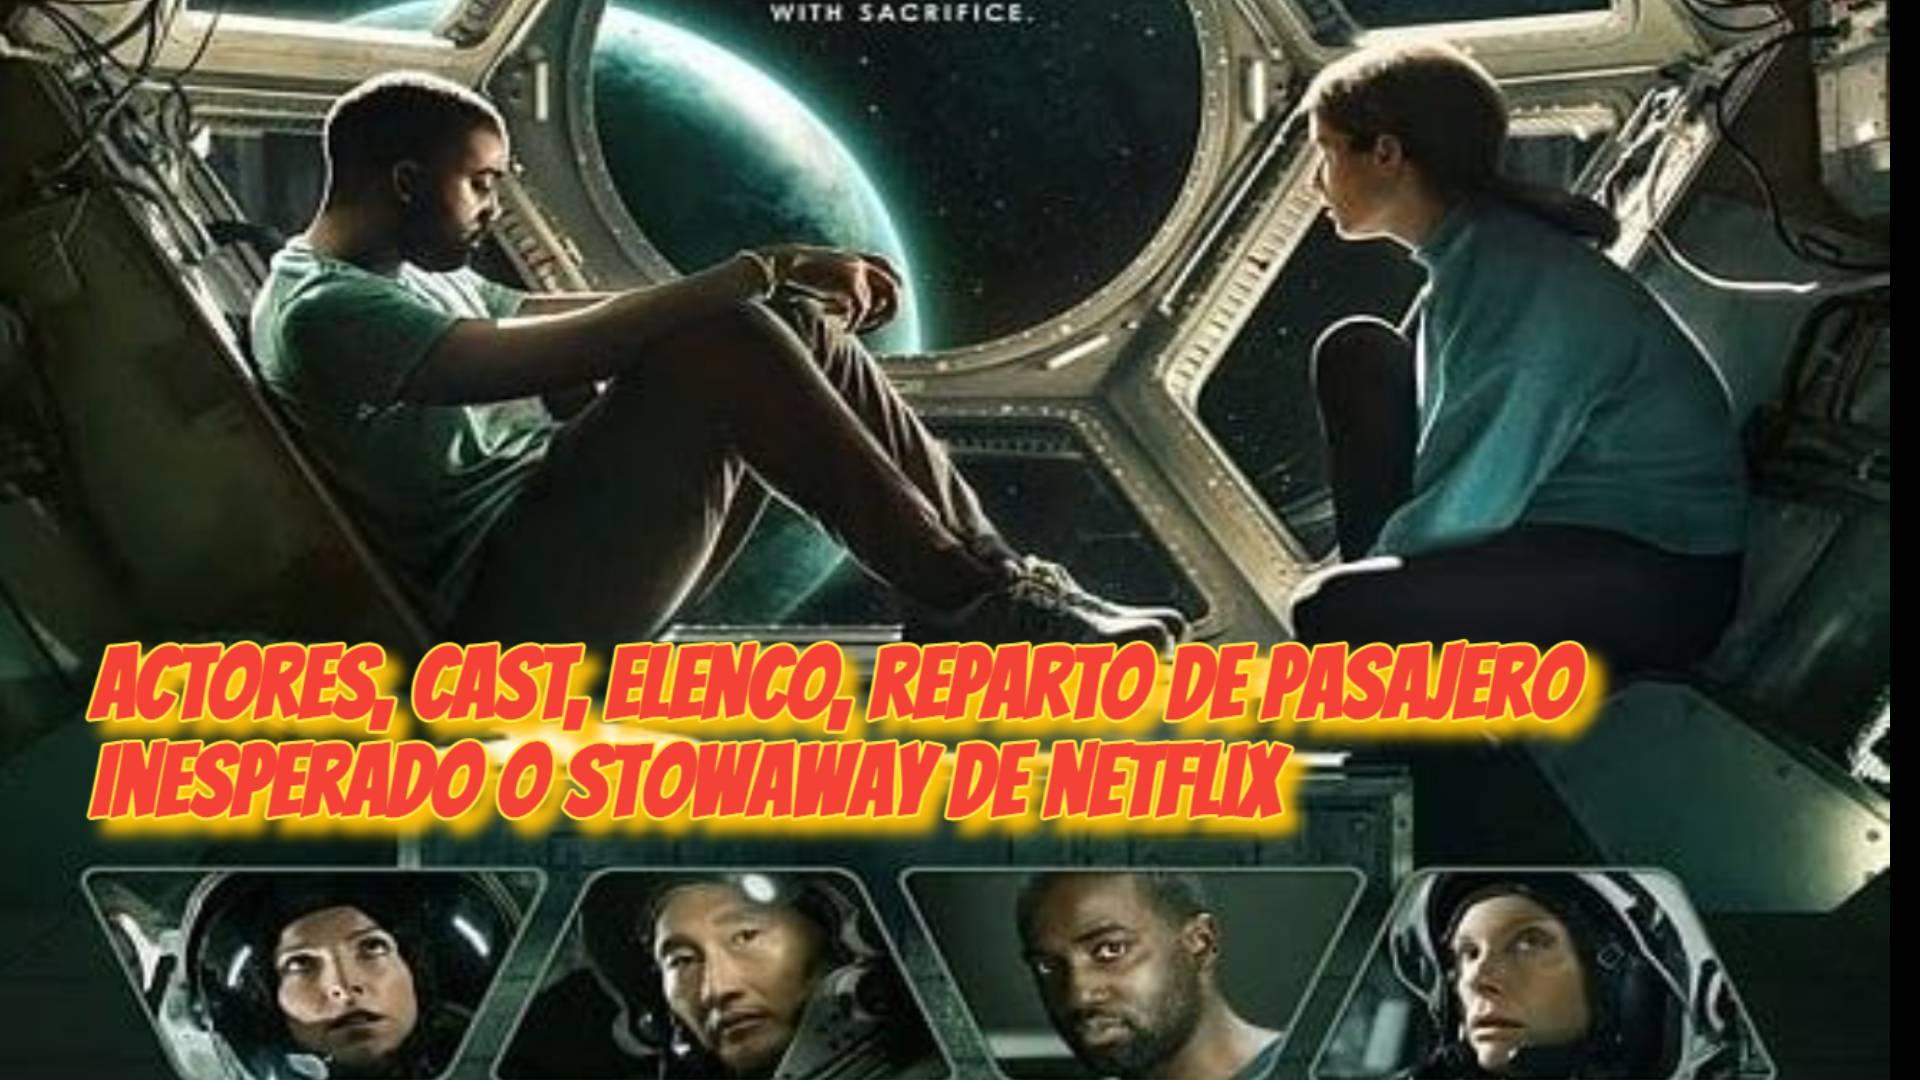 ACTORES, CAST, ELENCO, REPARTO de Pasajero Inesperado o Stowaway de Netflix